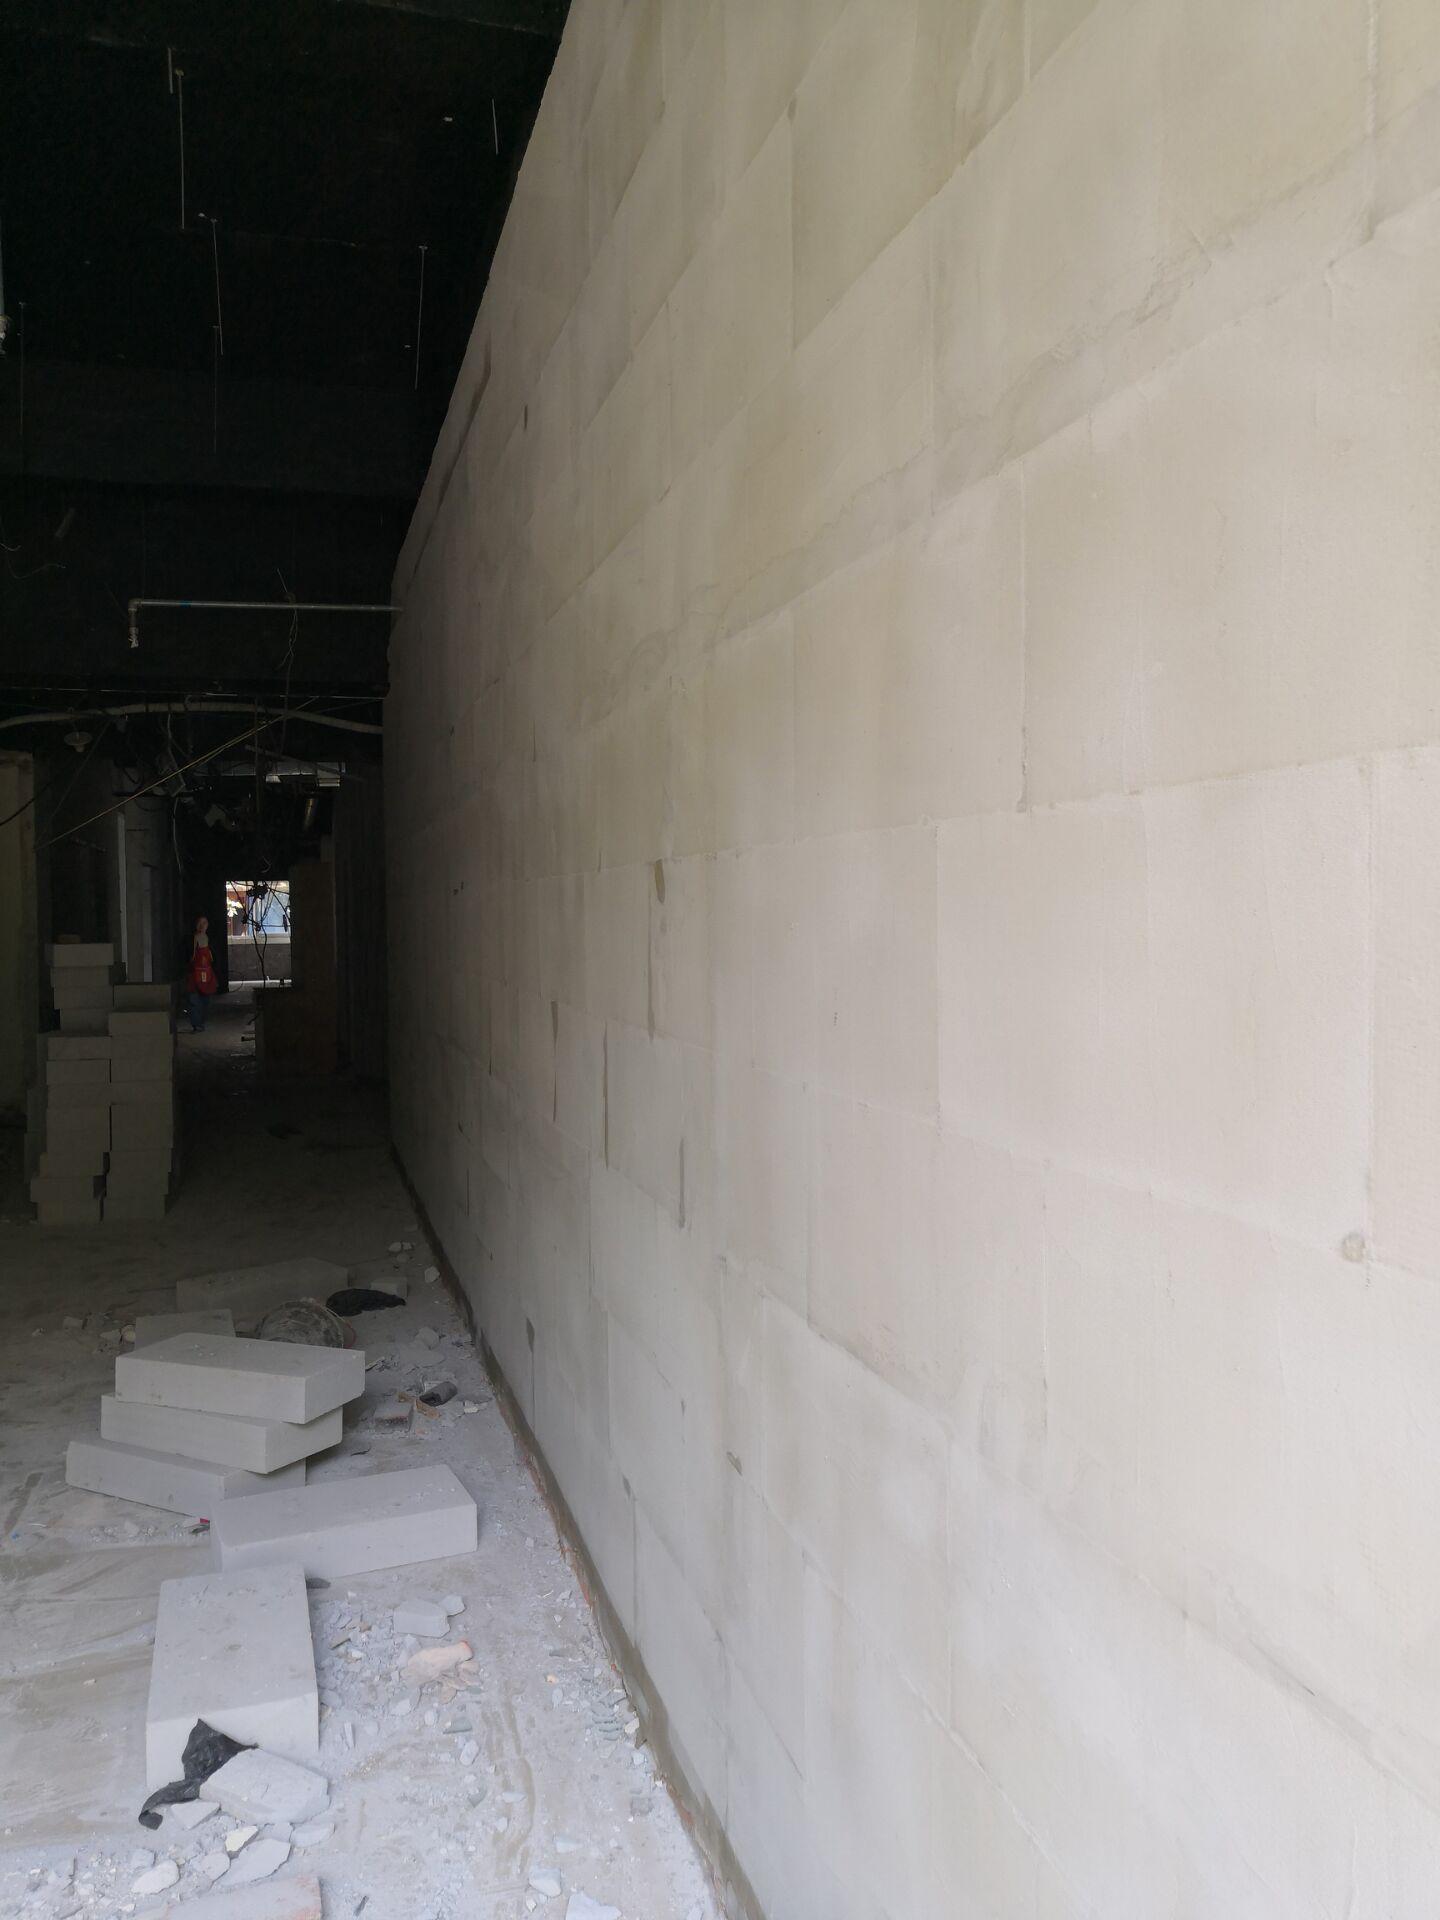 大渡口区龙兴实验室隔墙